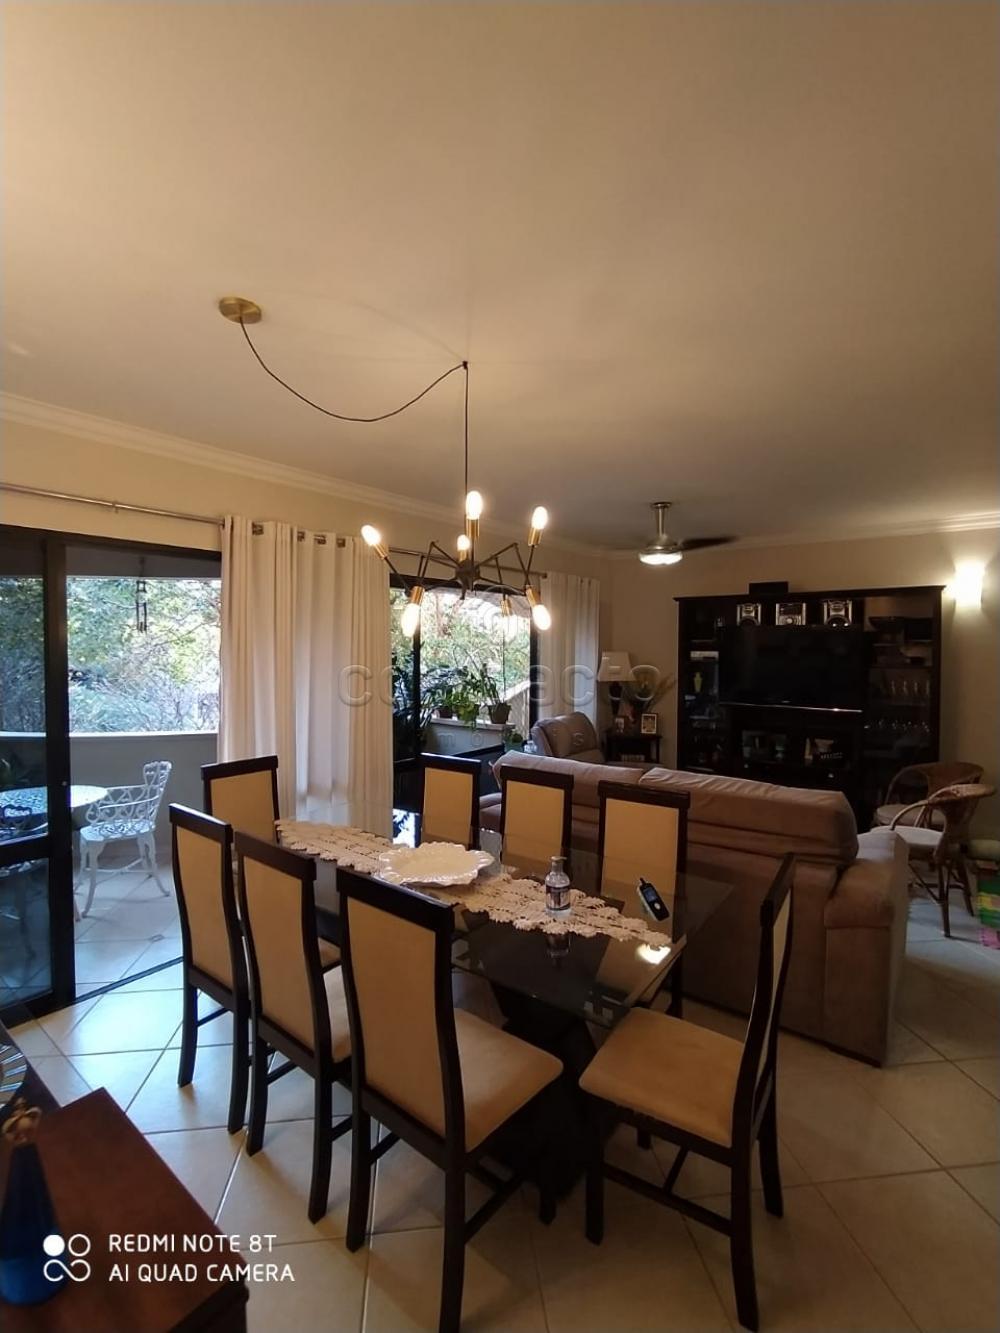 Comprar Apartamento / Padrão em São José do Rio Preto apenas R$ 615.000,00 - Foto 4